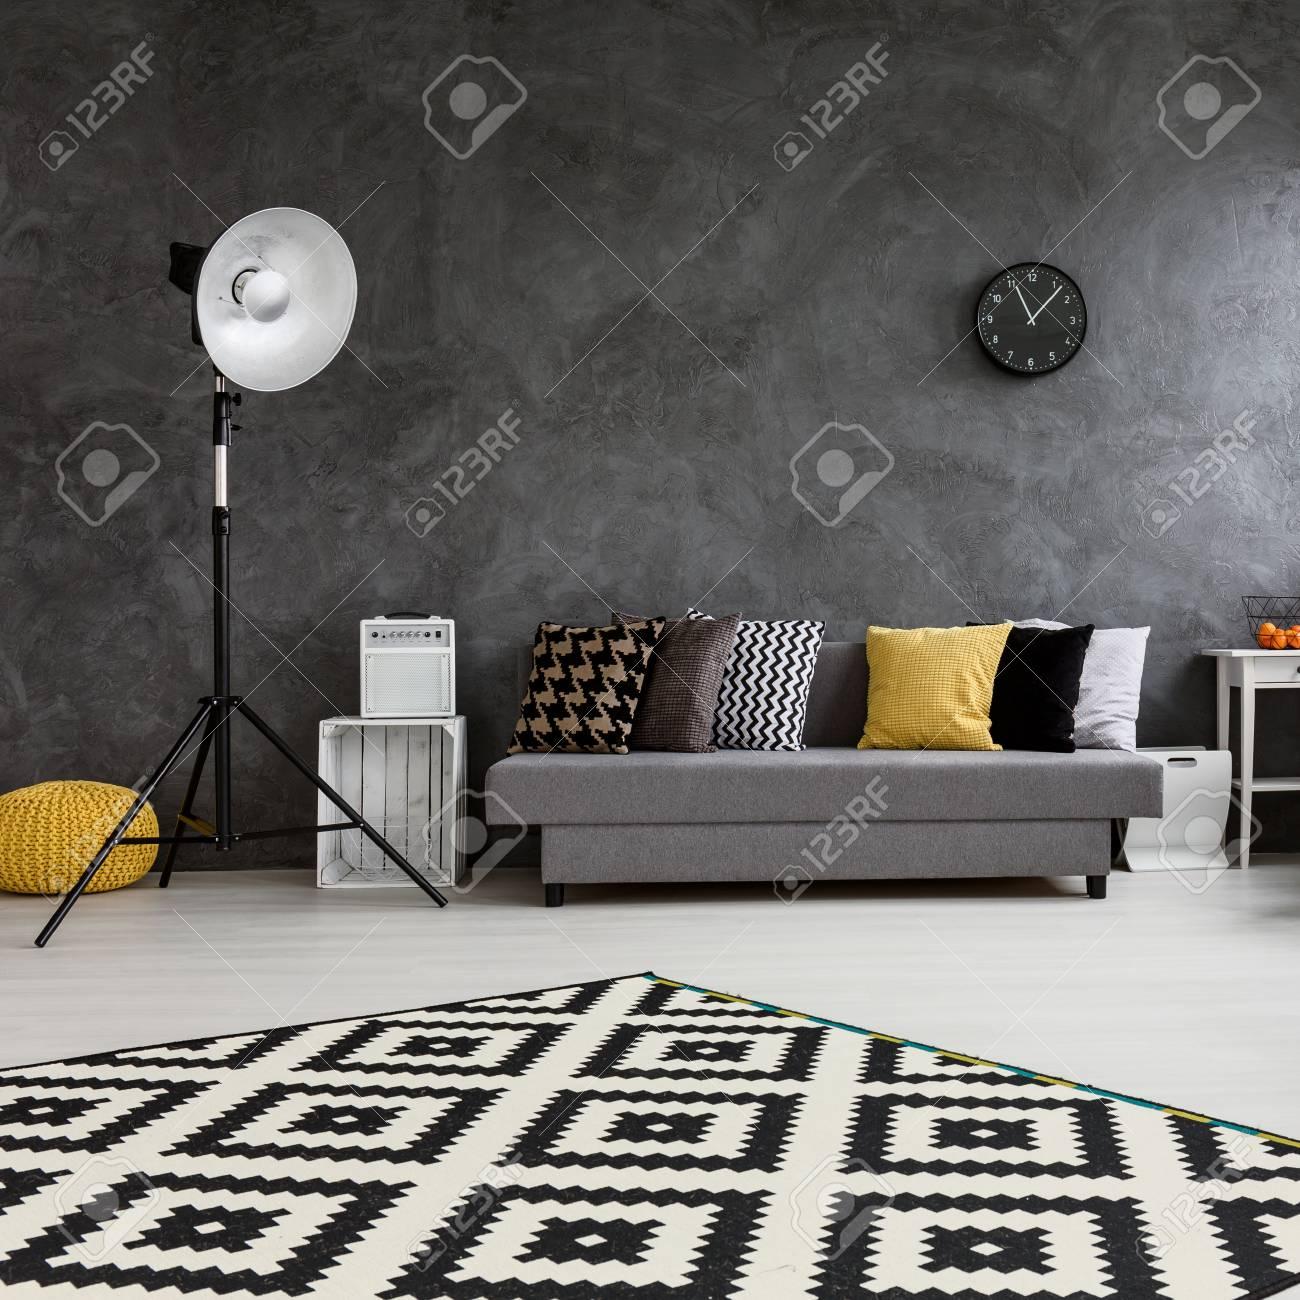 Modernes Wohnzimmer Mit Großem Raum In Der Mitte . Durch Die Decke ...